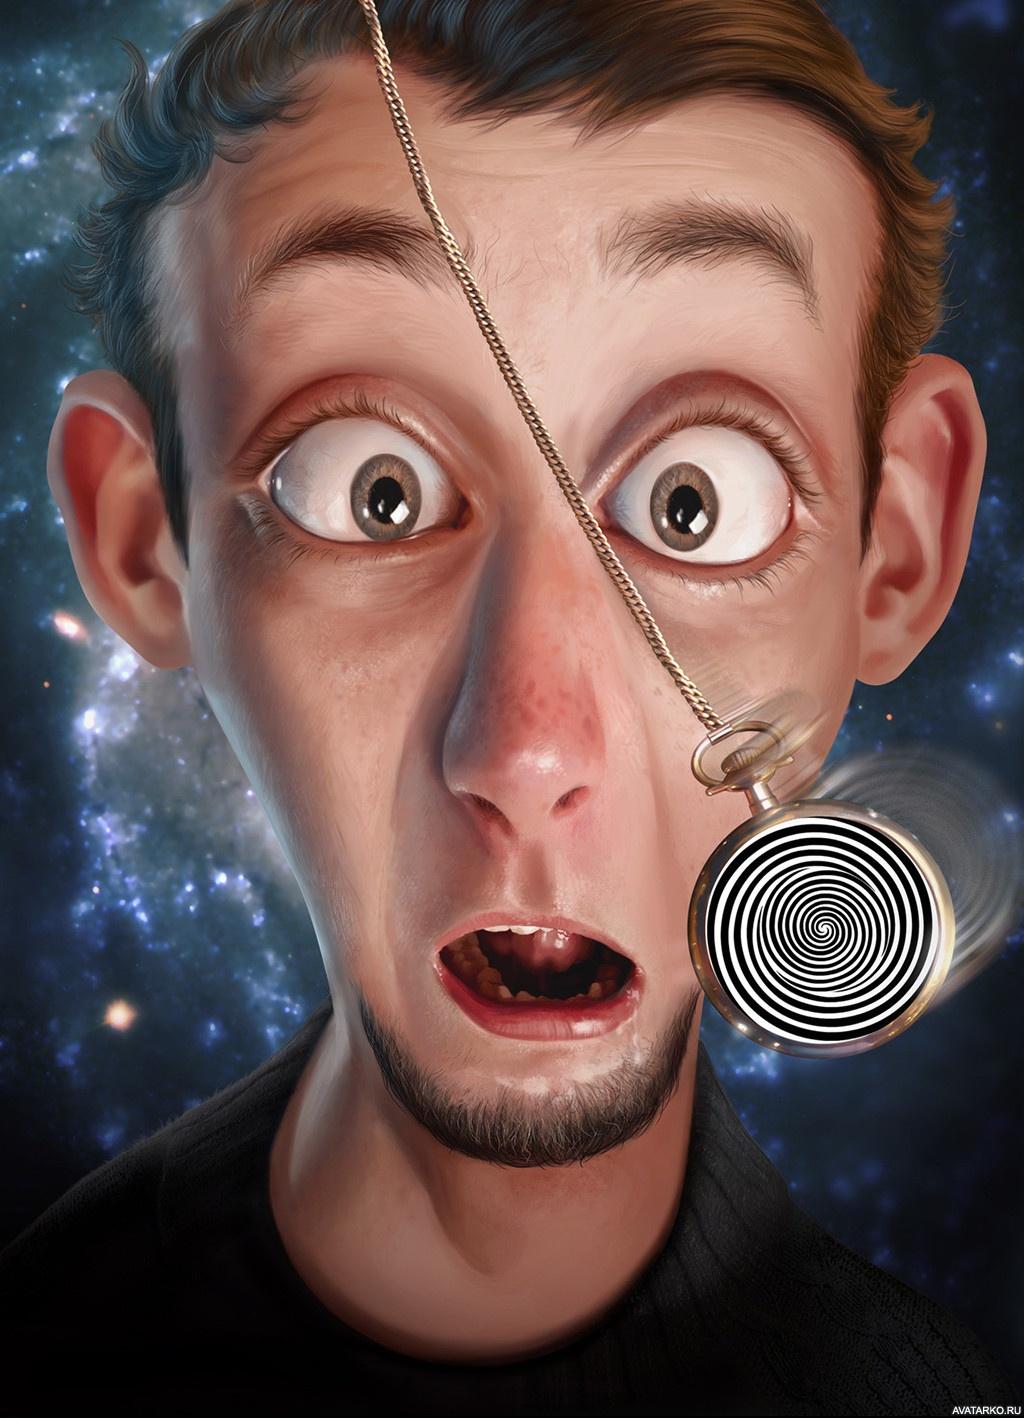 Гипноз смешные картинки